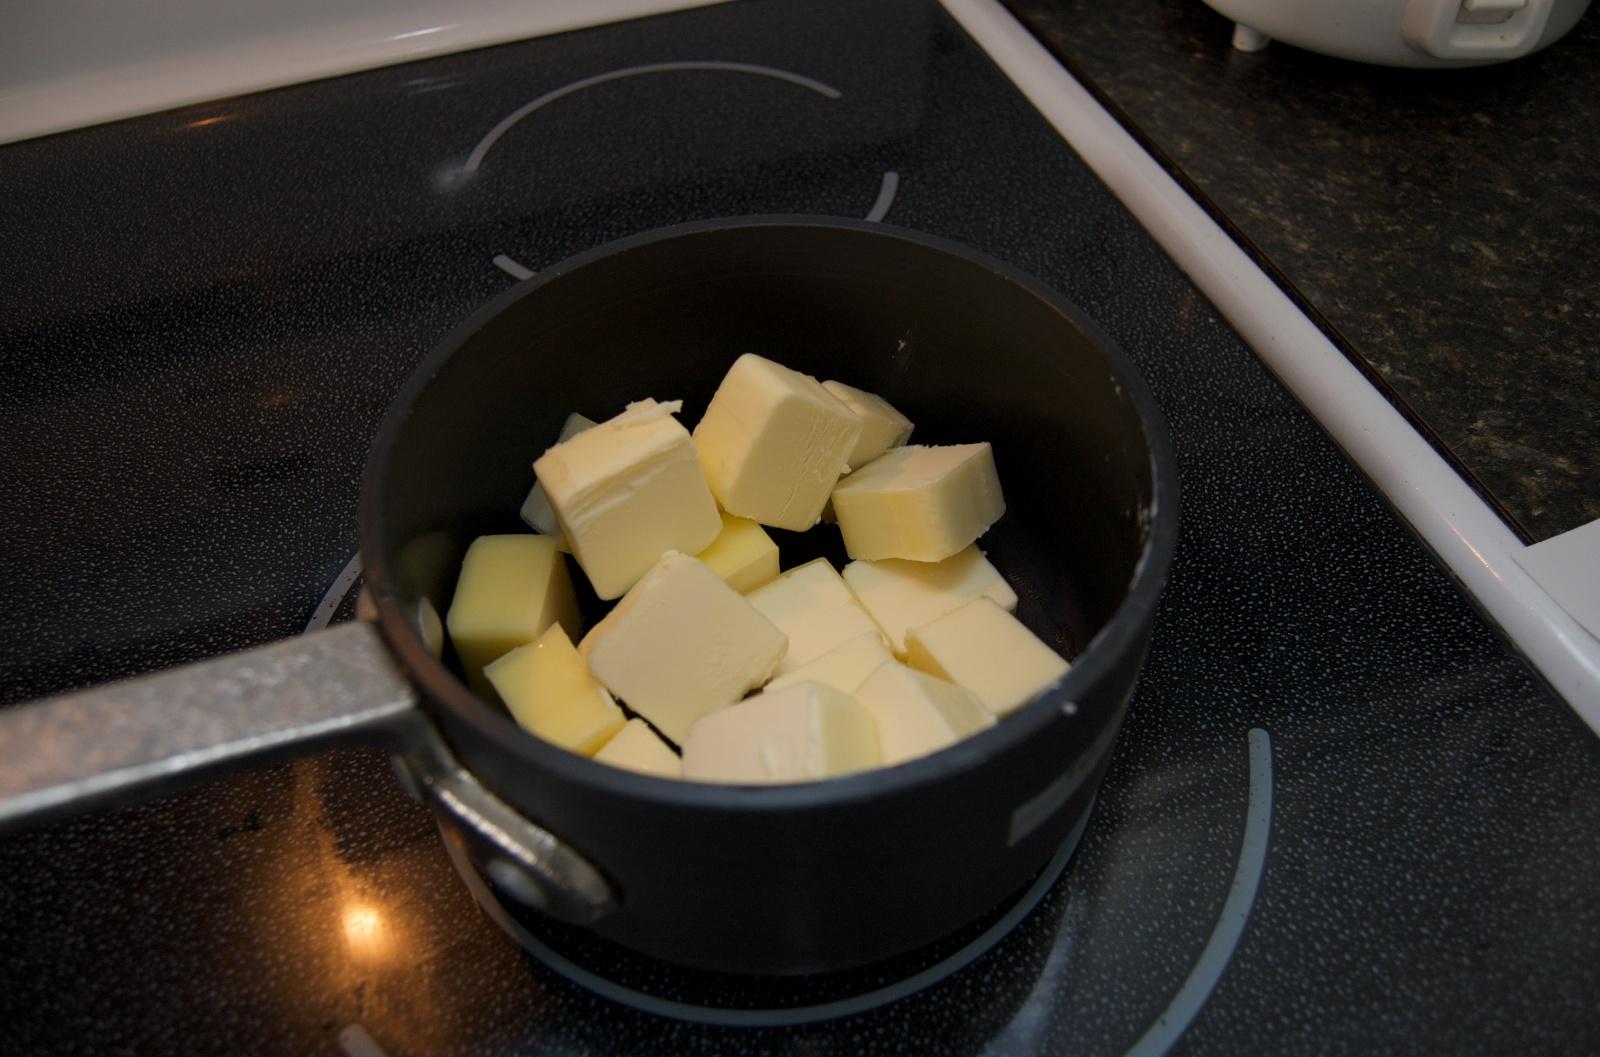 http://blog.rickk.com/food/2010/07/31/clarifiedbutter2.jpg